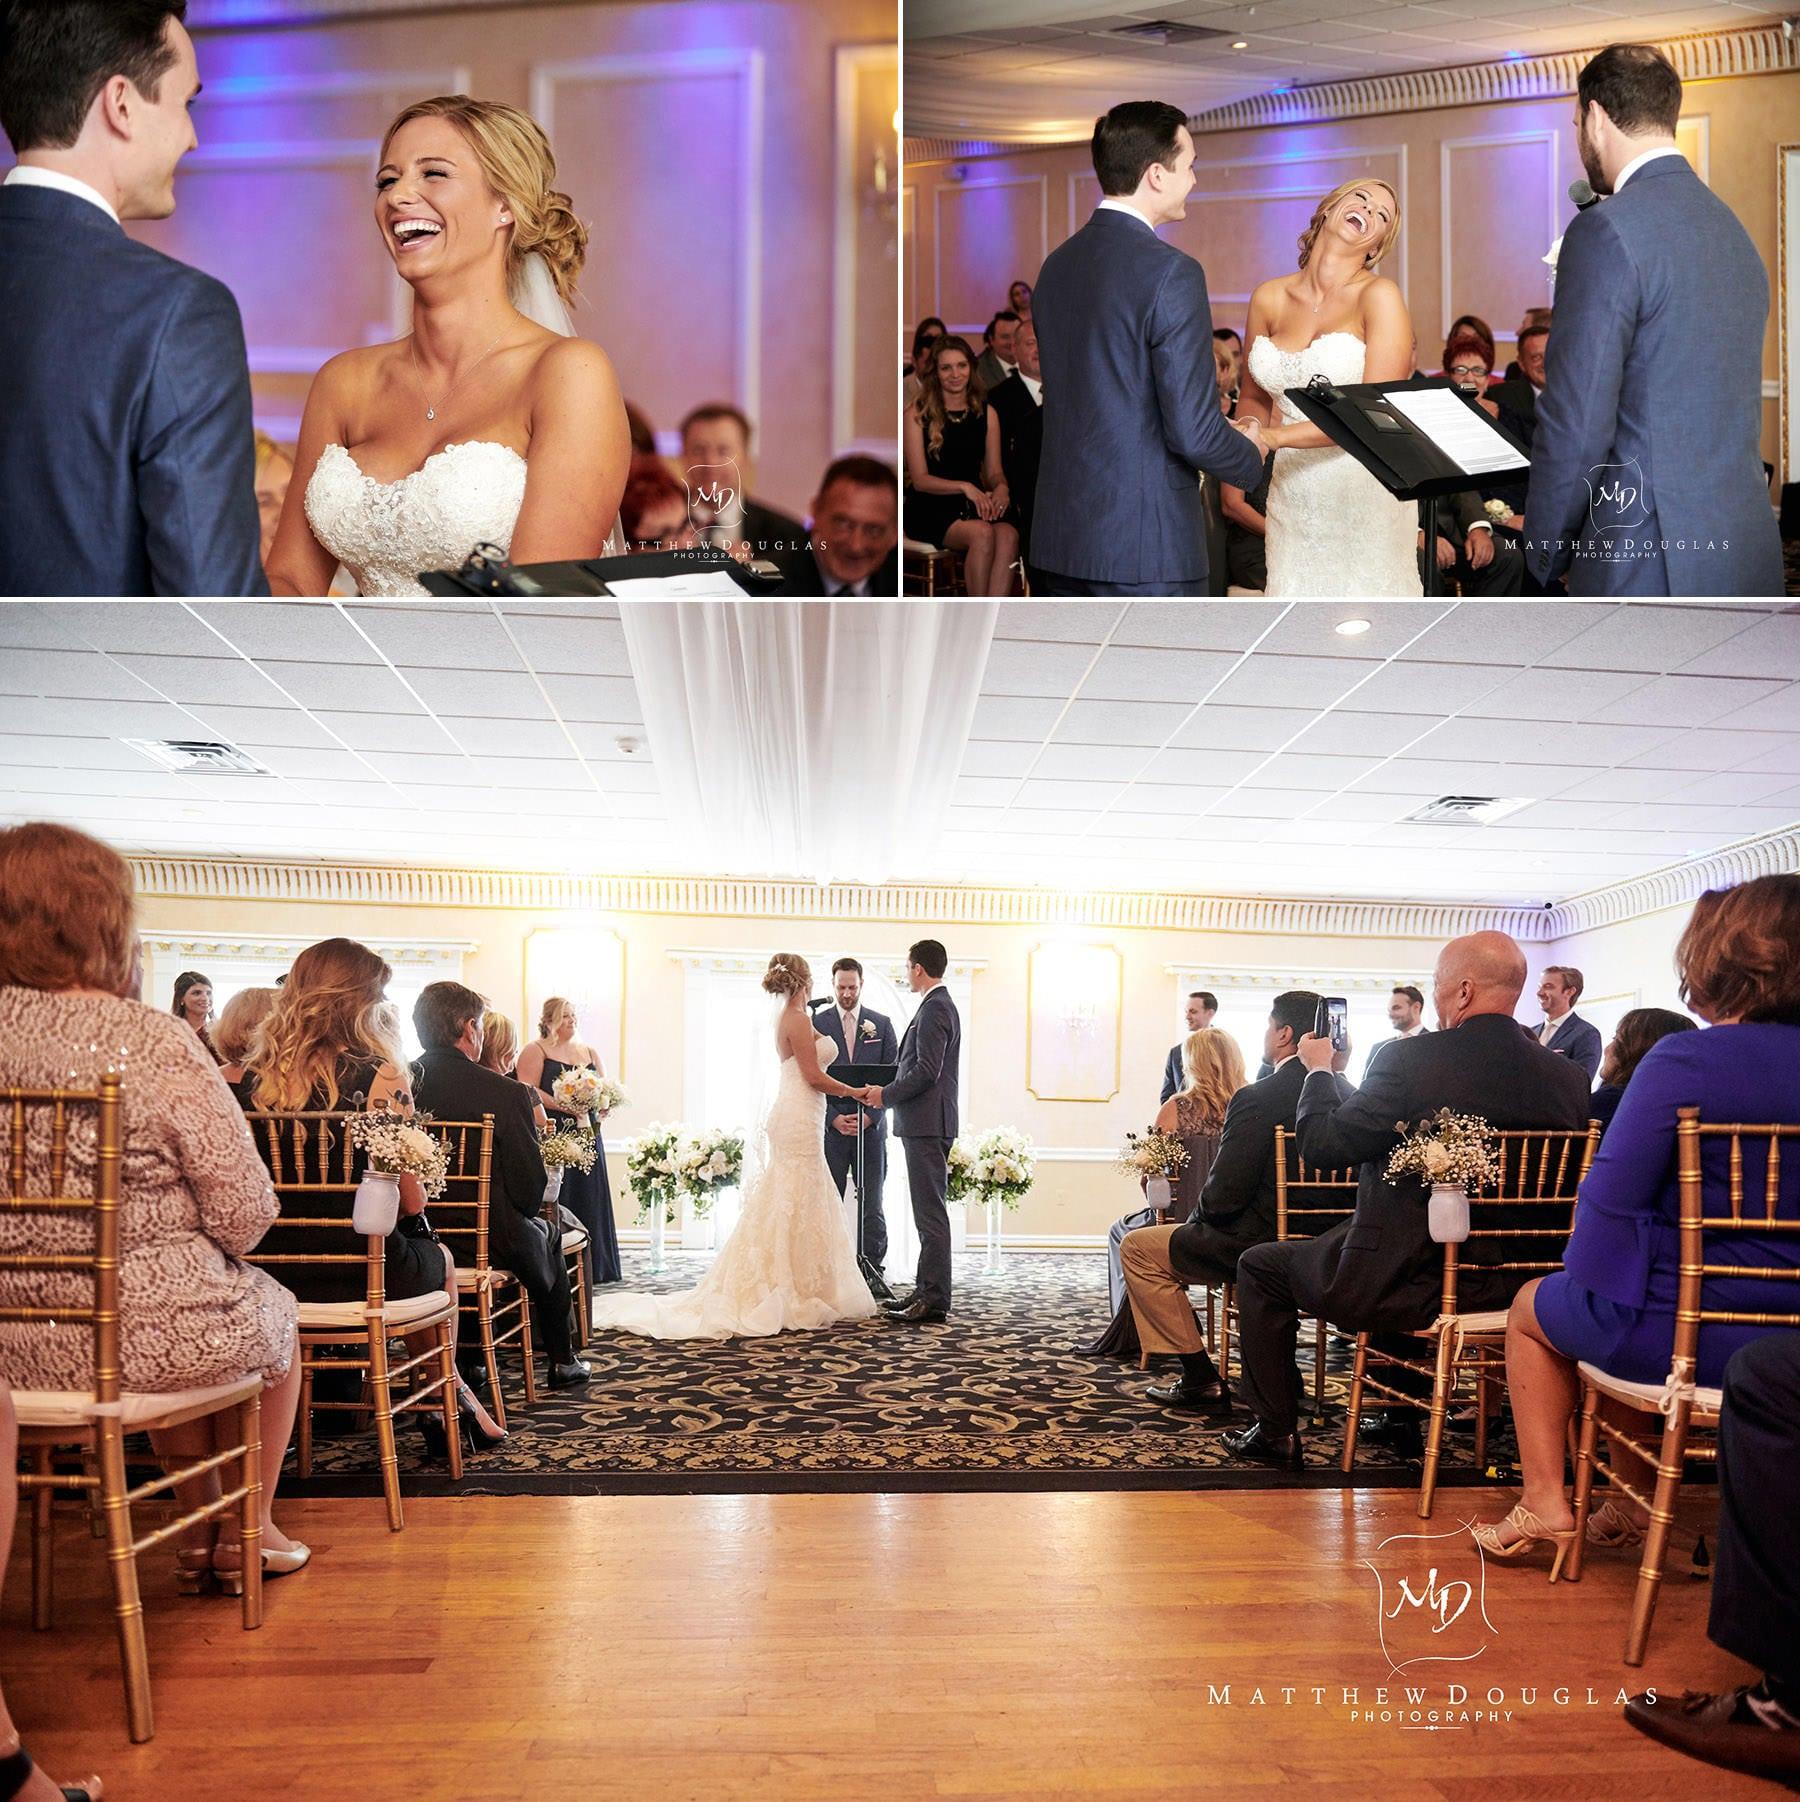 Chandelier Flanders Valley Wedding ceremony indoors